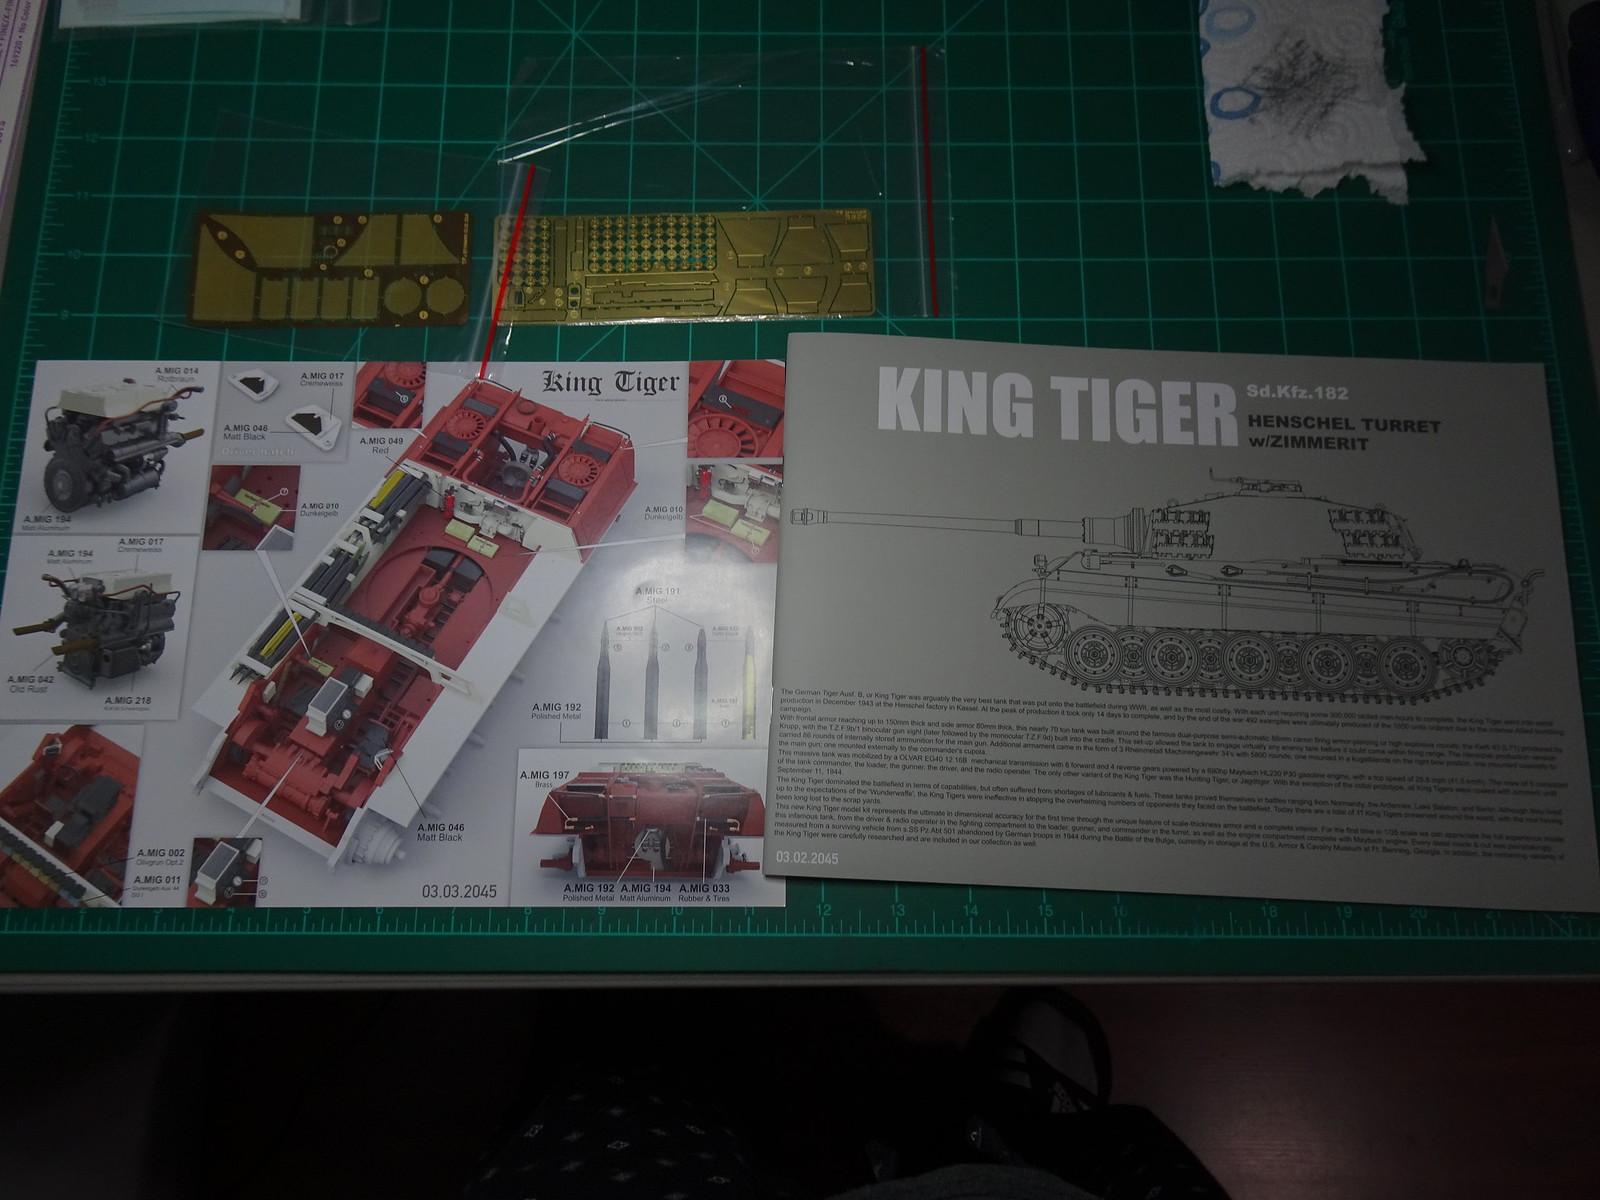 King Tiger 2